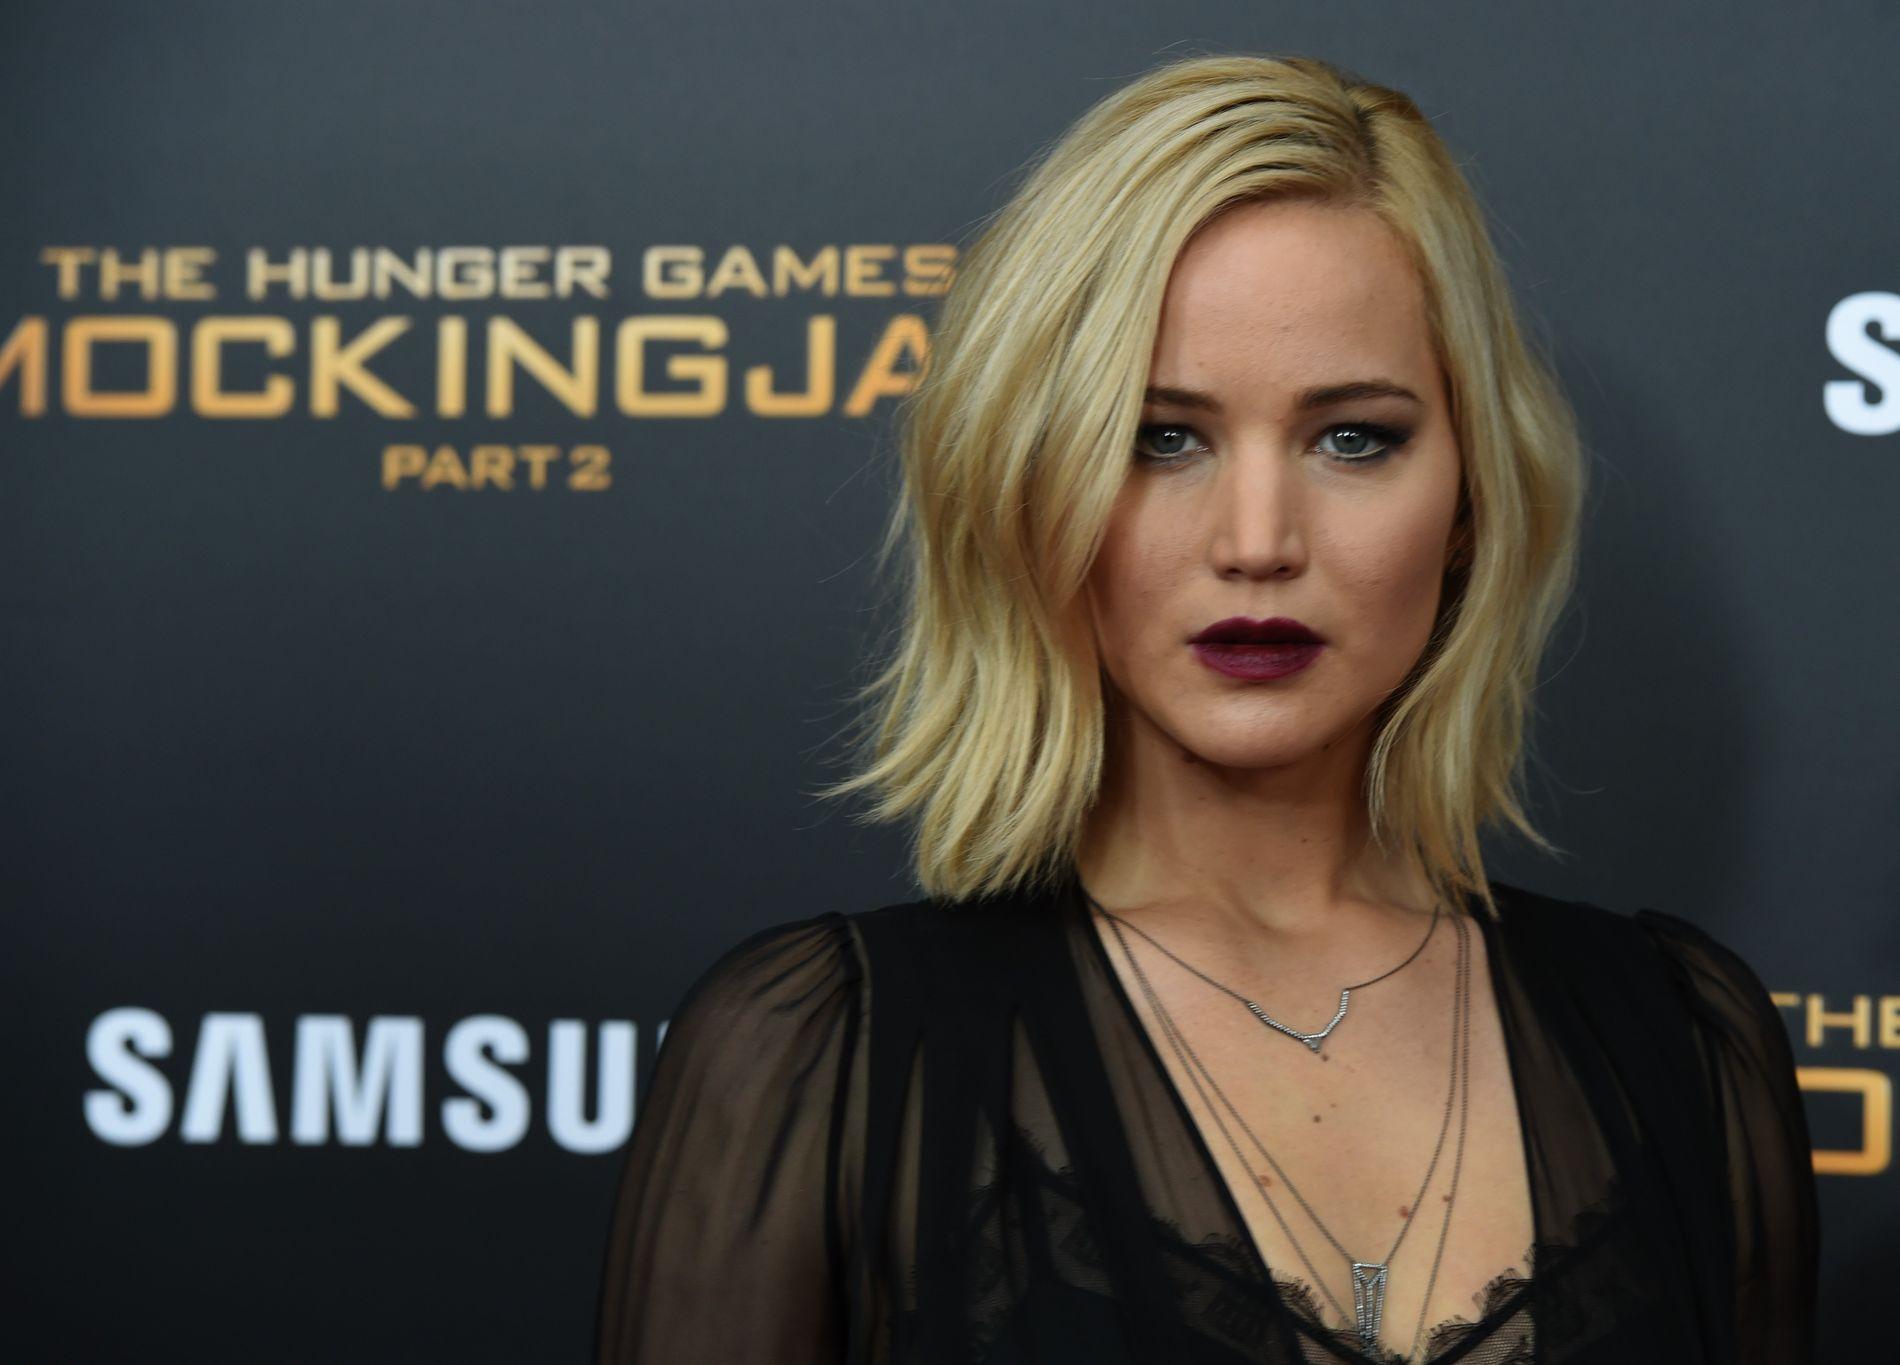 FIKK BILDER SPREDT: Hunger Games-stjernen Jennifer Lawrence ble hardt rammet av «The Fappening».